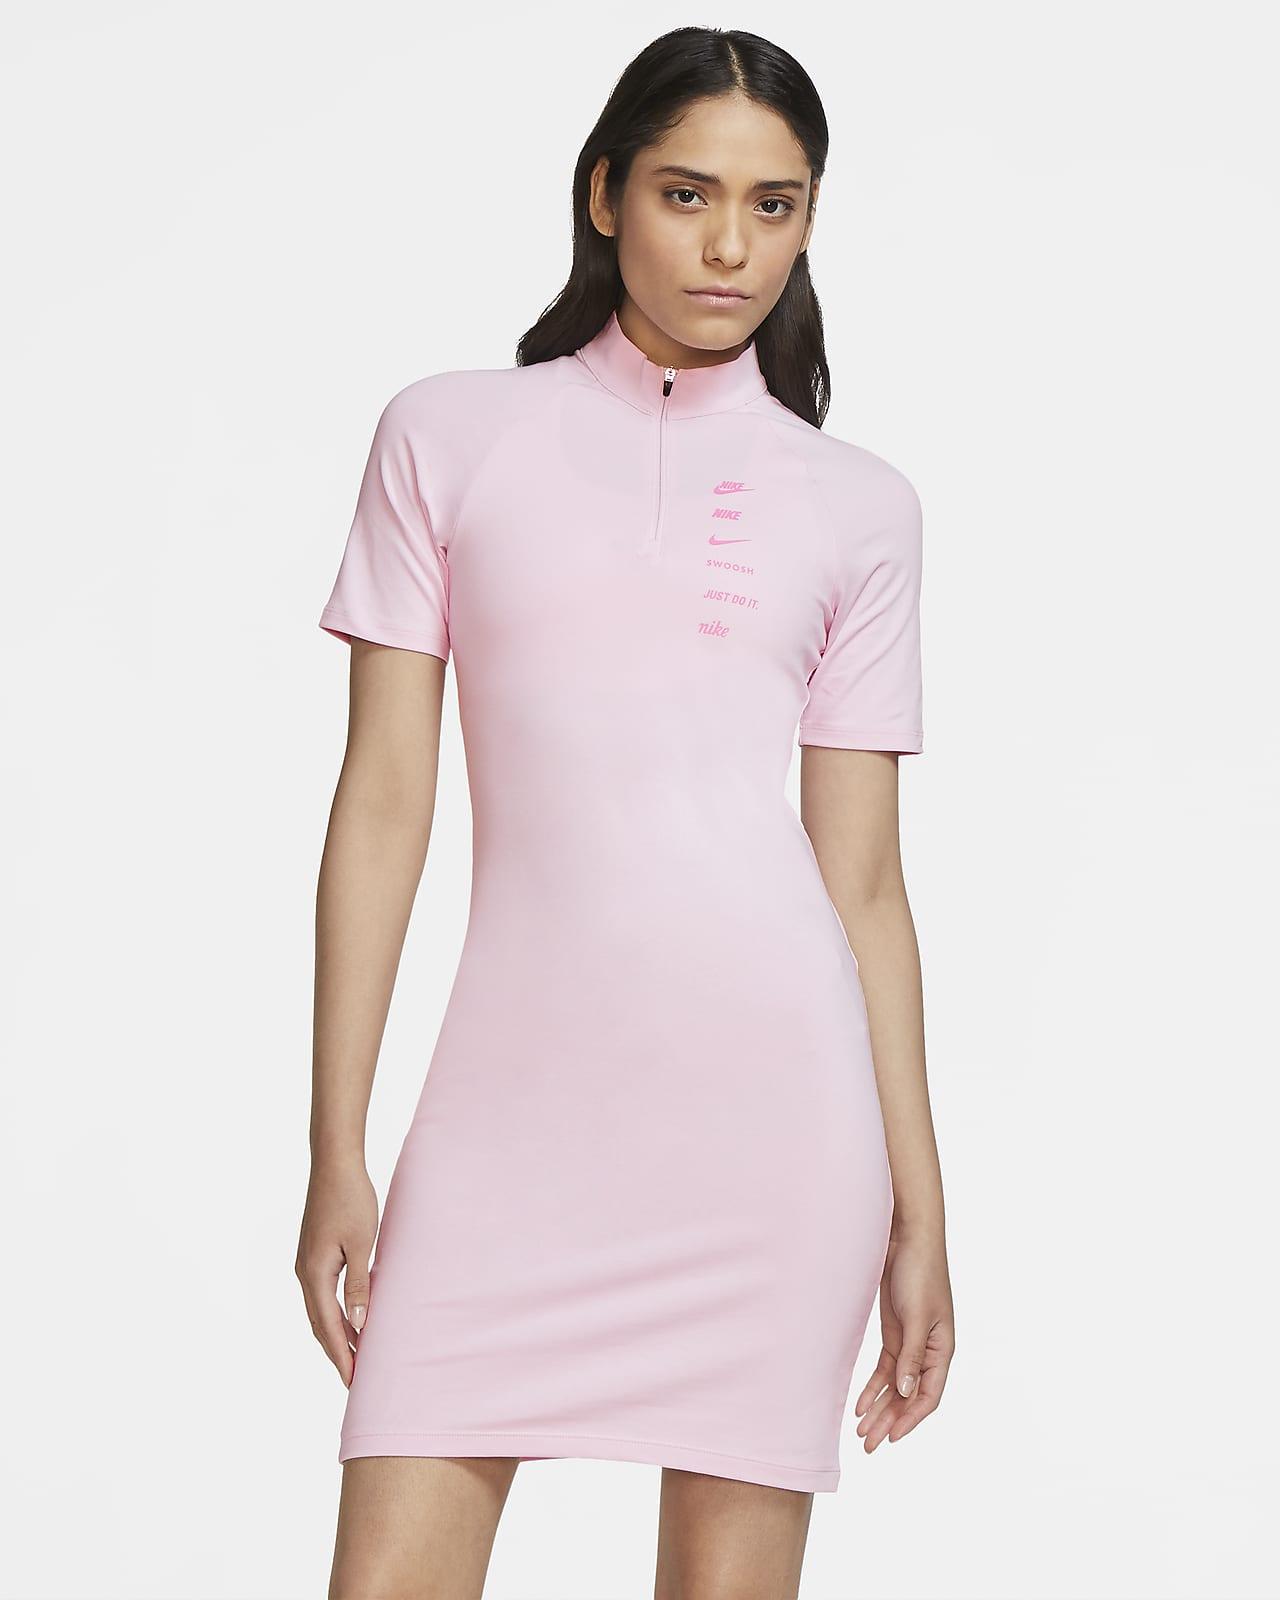 Nike Sportswear Swoosh Women's Dress